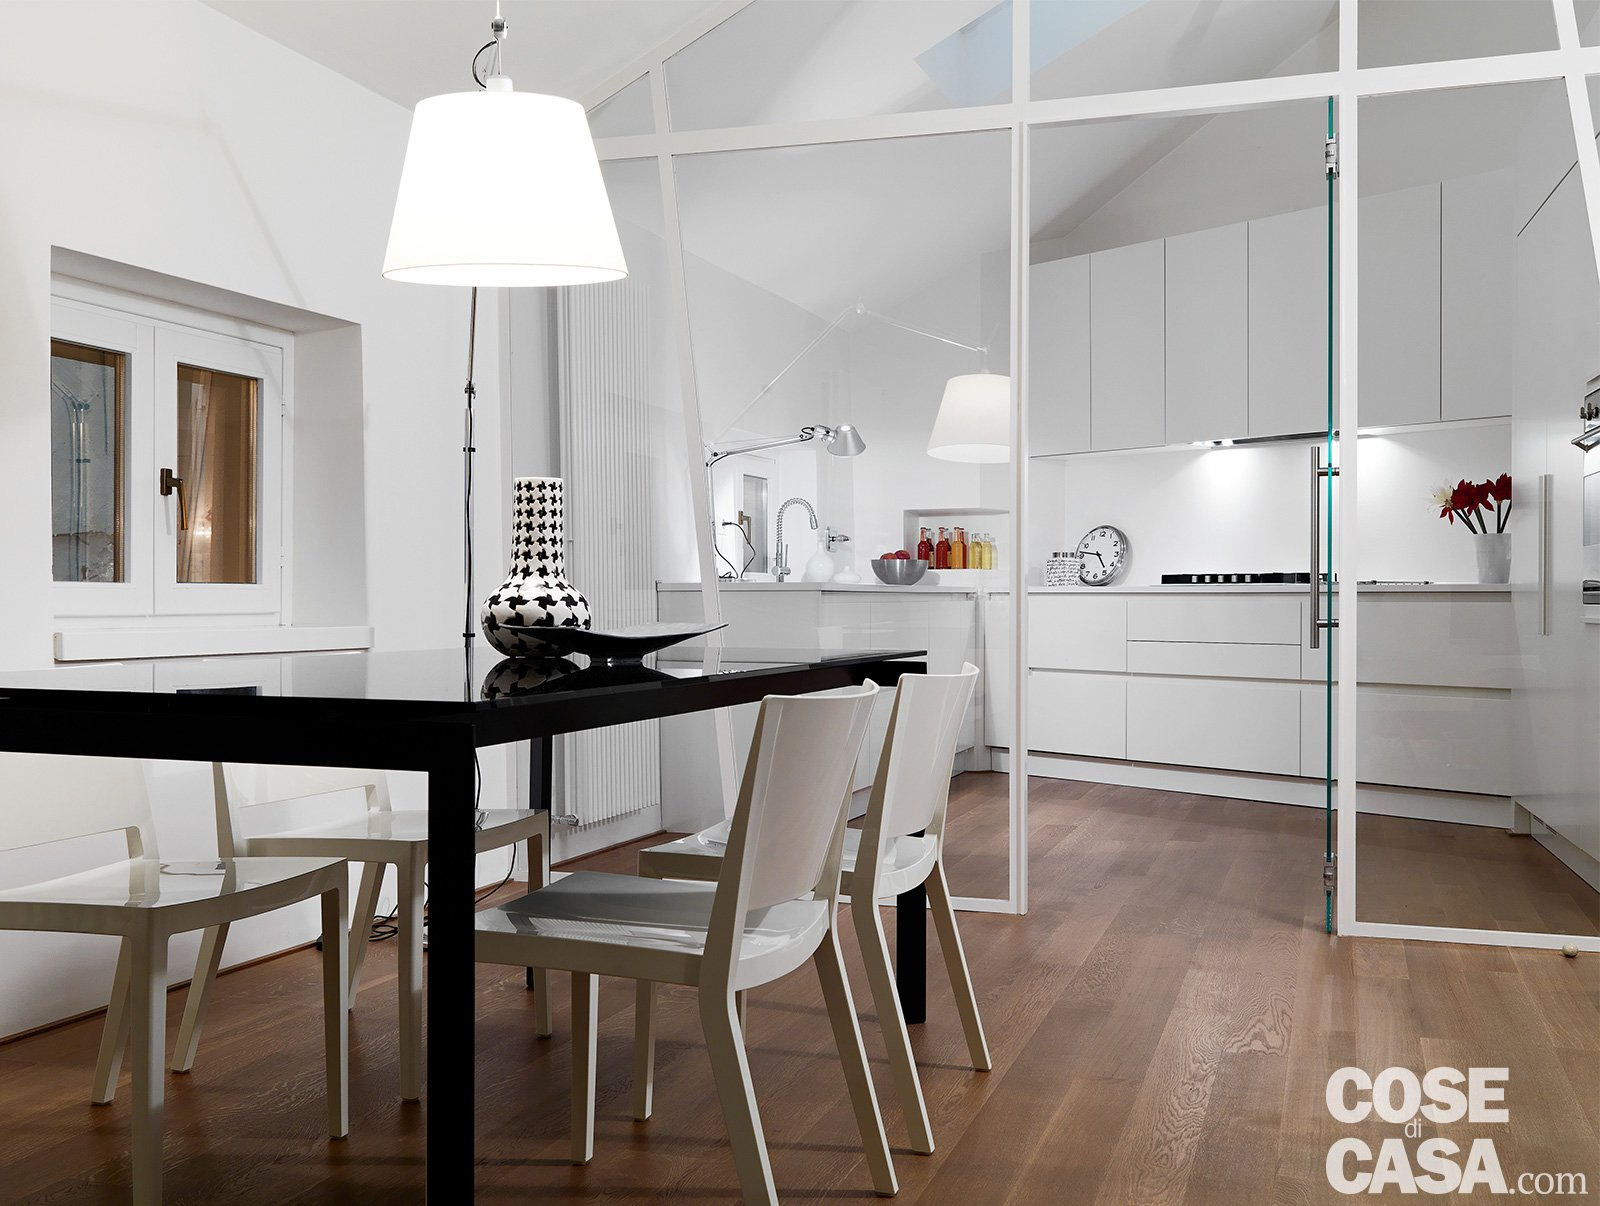 95 mq con cucina chiusa da parete vetrata di taglio diagonale cose di casa - Separazione cucina soggiorno ...